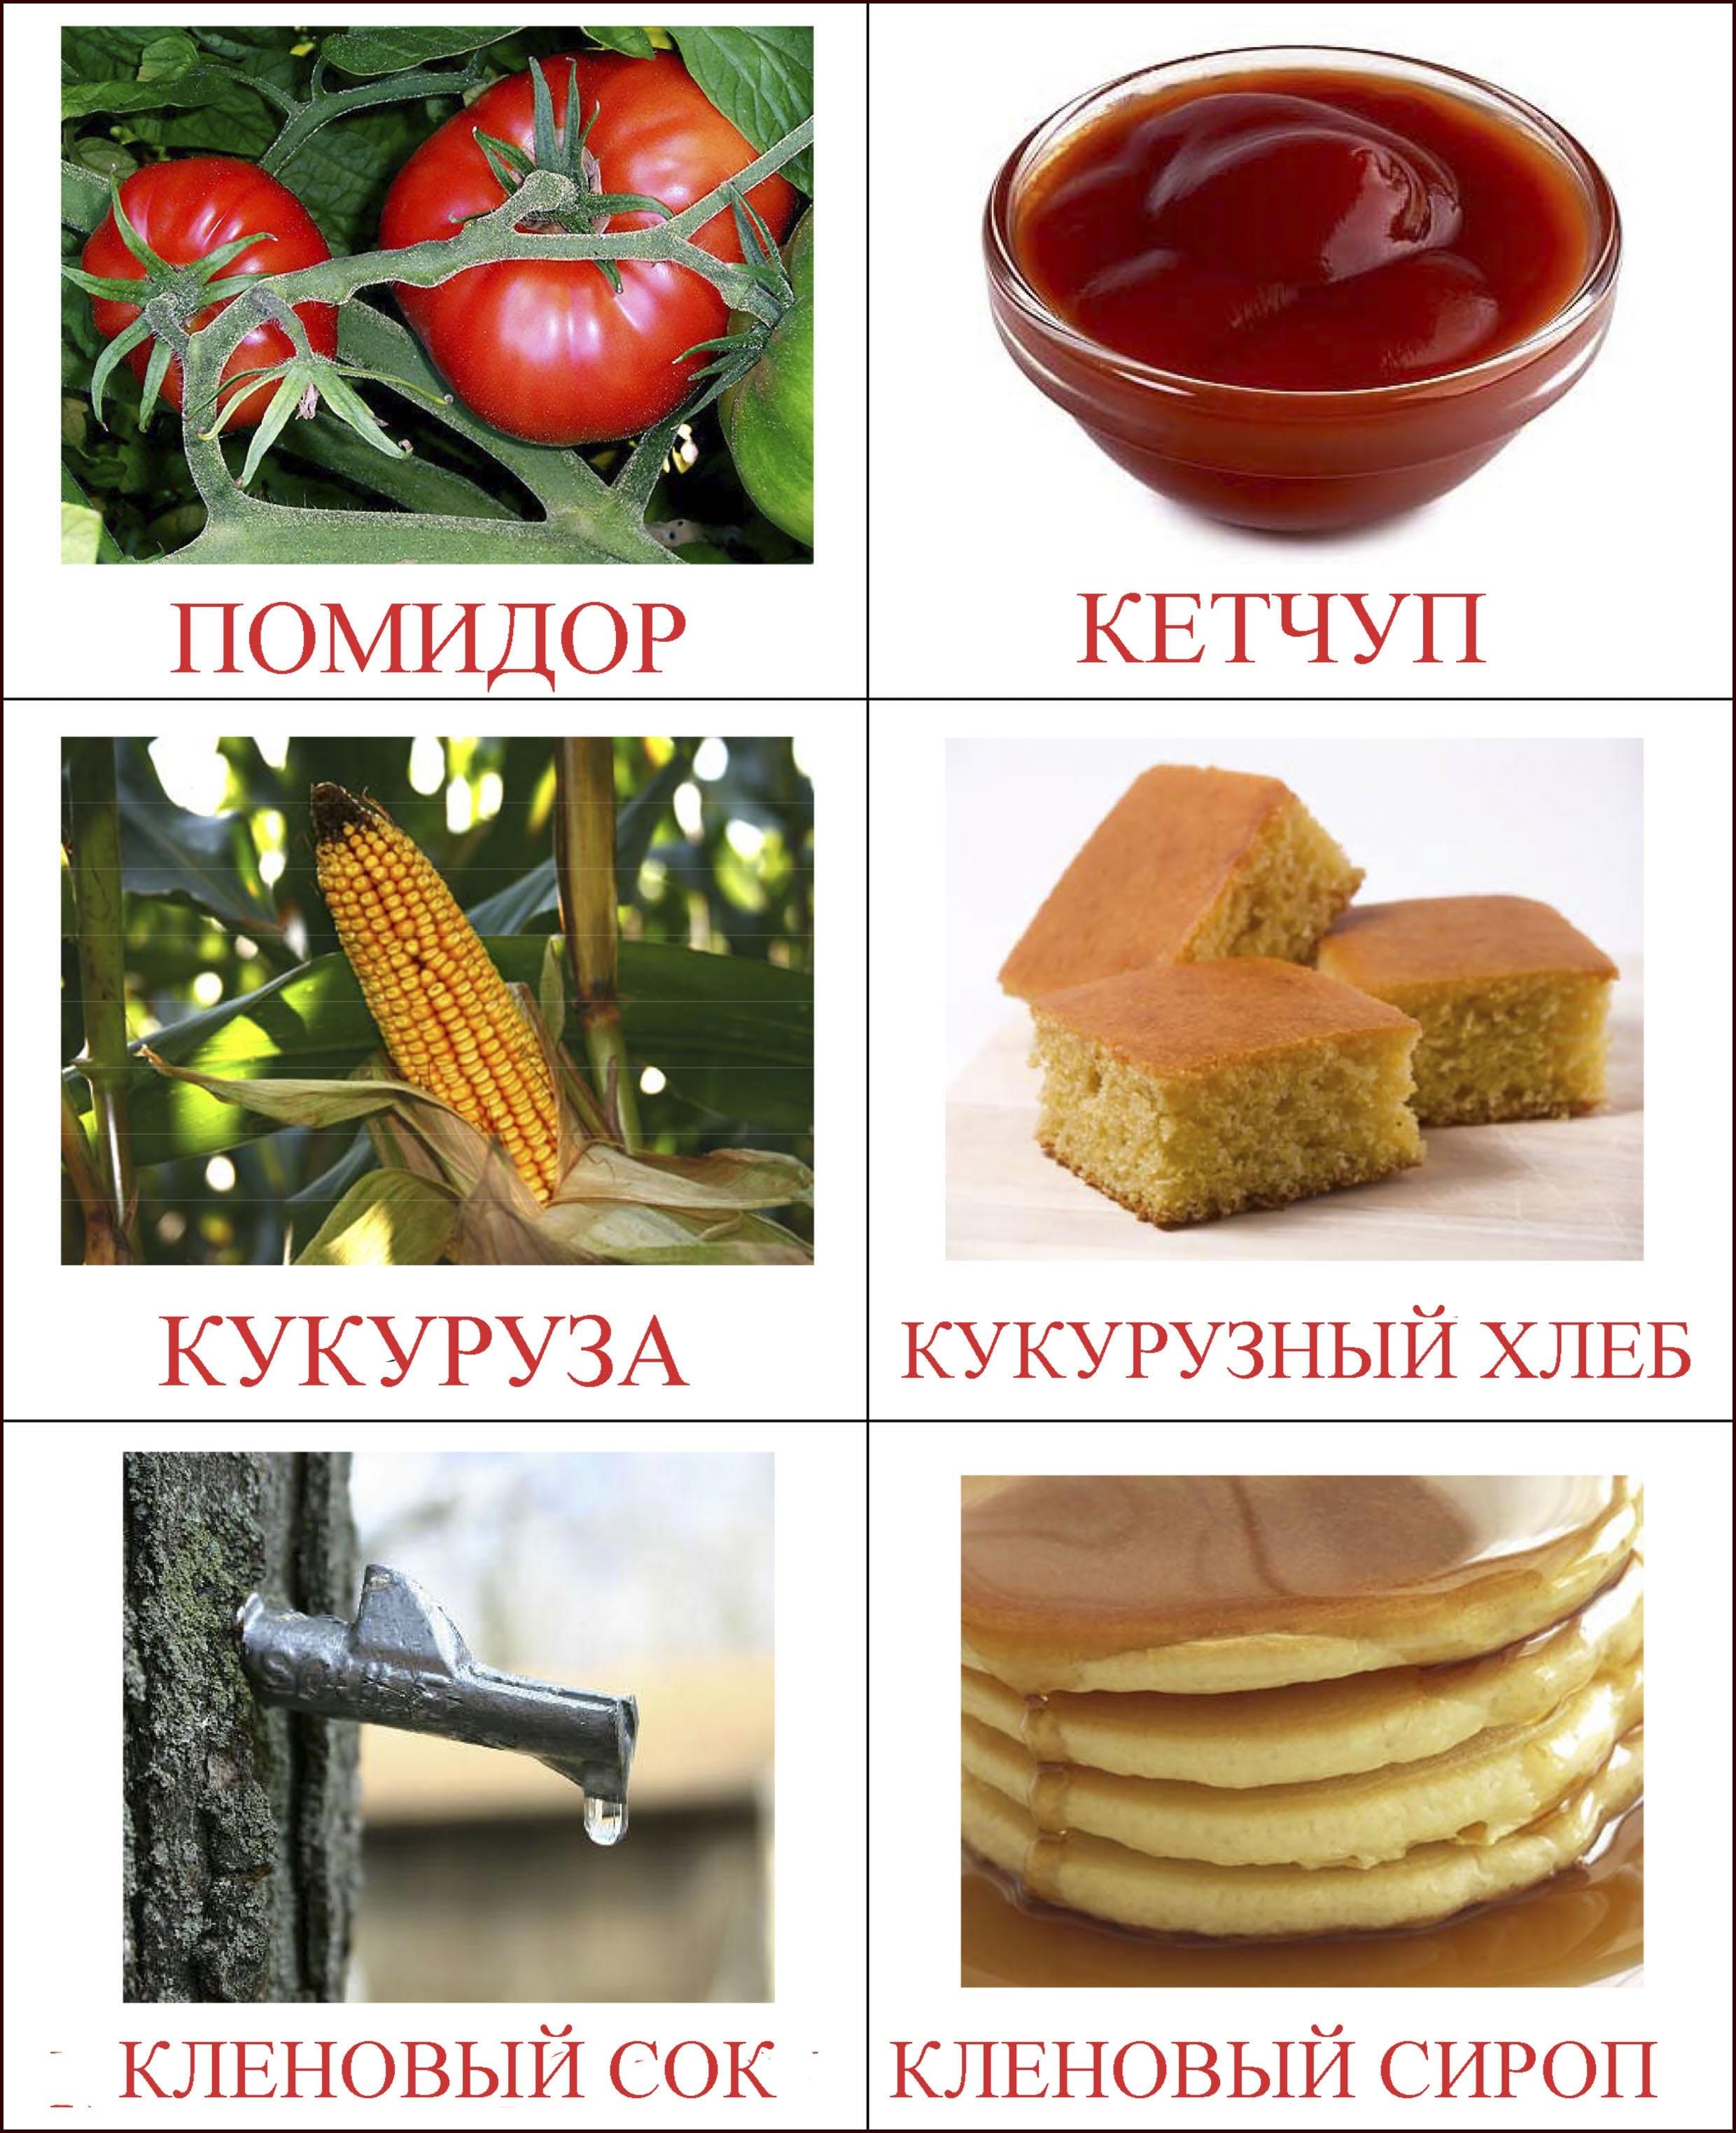 продукты картинка для детей 2